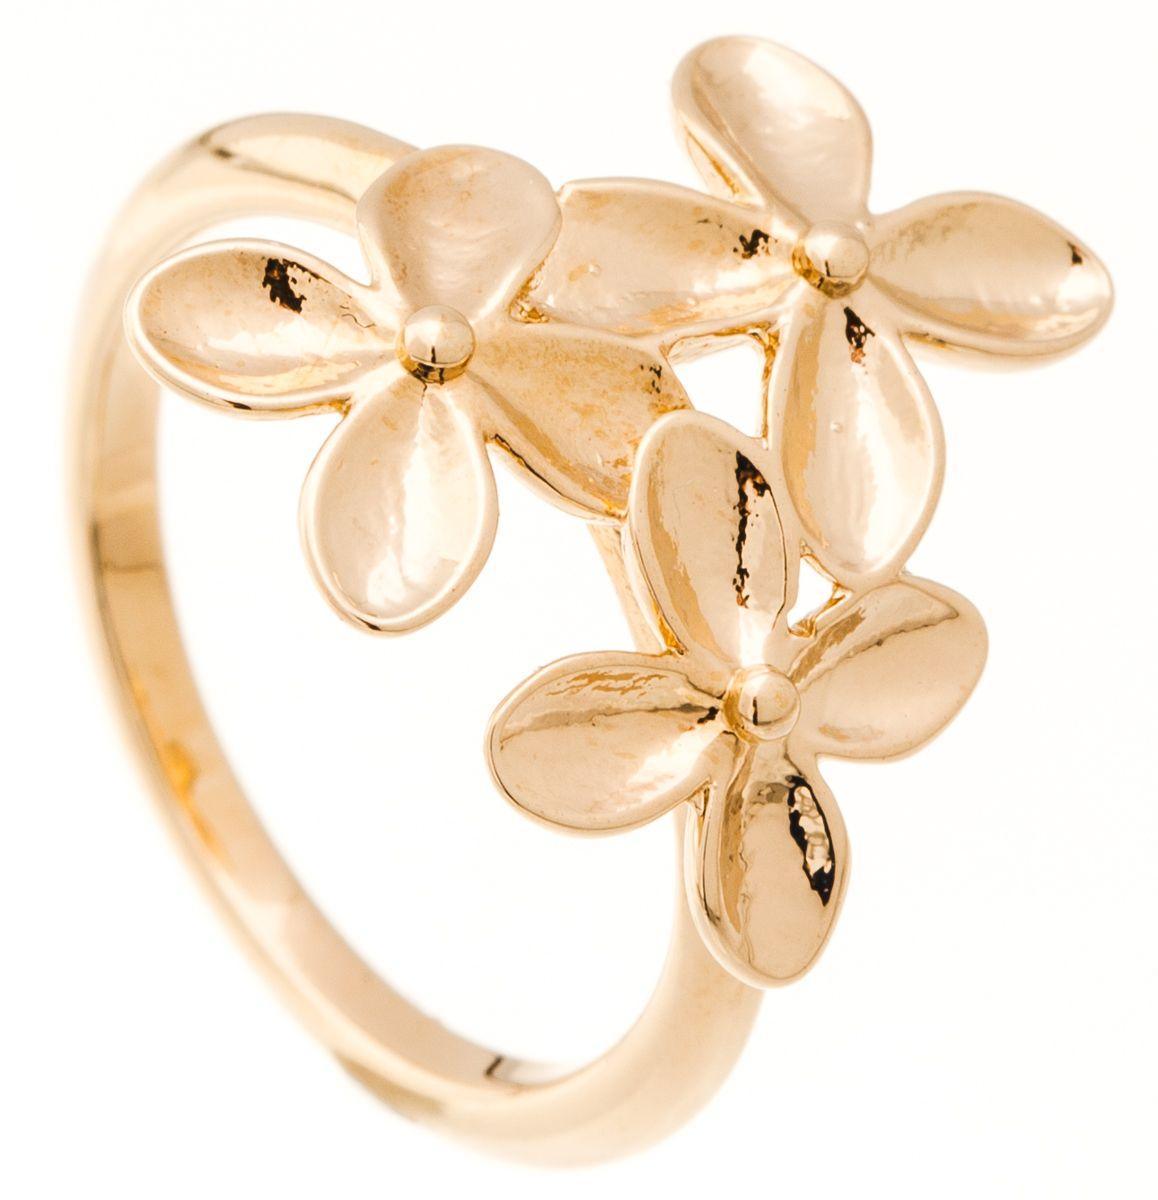 Кольцо Jenavi Young 2. Сэбэль, цвет: золотой. f670p090. Размер 17Коктейльное кольцоИзящное кольцо Jenavi из коллекции Young 2. Сэбэль изготовлено из ювелирного сплава с покрытием из позолоты. Изделие выполнено в необычном дизайне и оформлено вылитыми цветами. Стильное кольцо придаст вашему образу изюминку, подчеркнет индивидуальность.